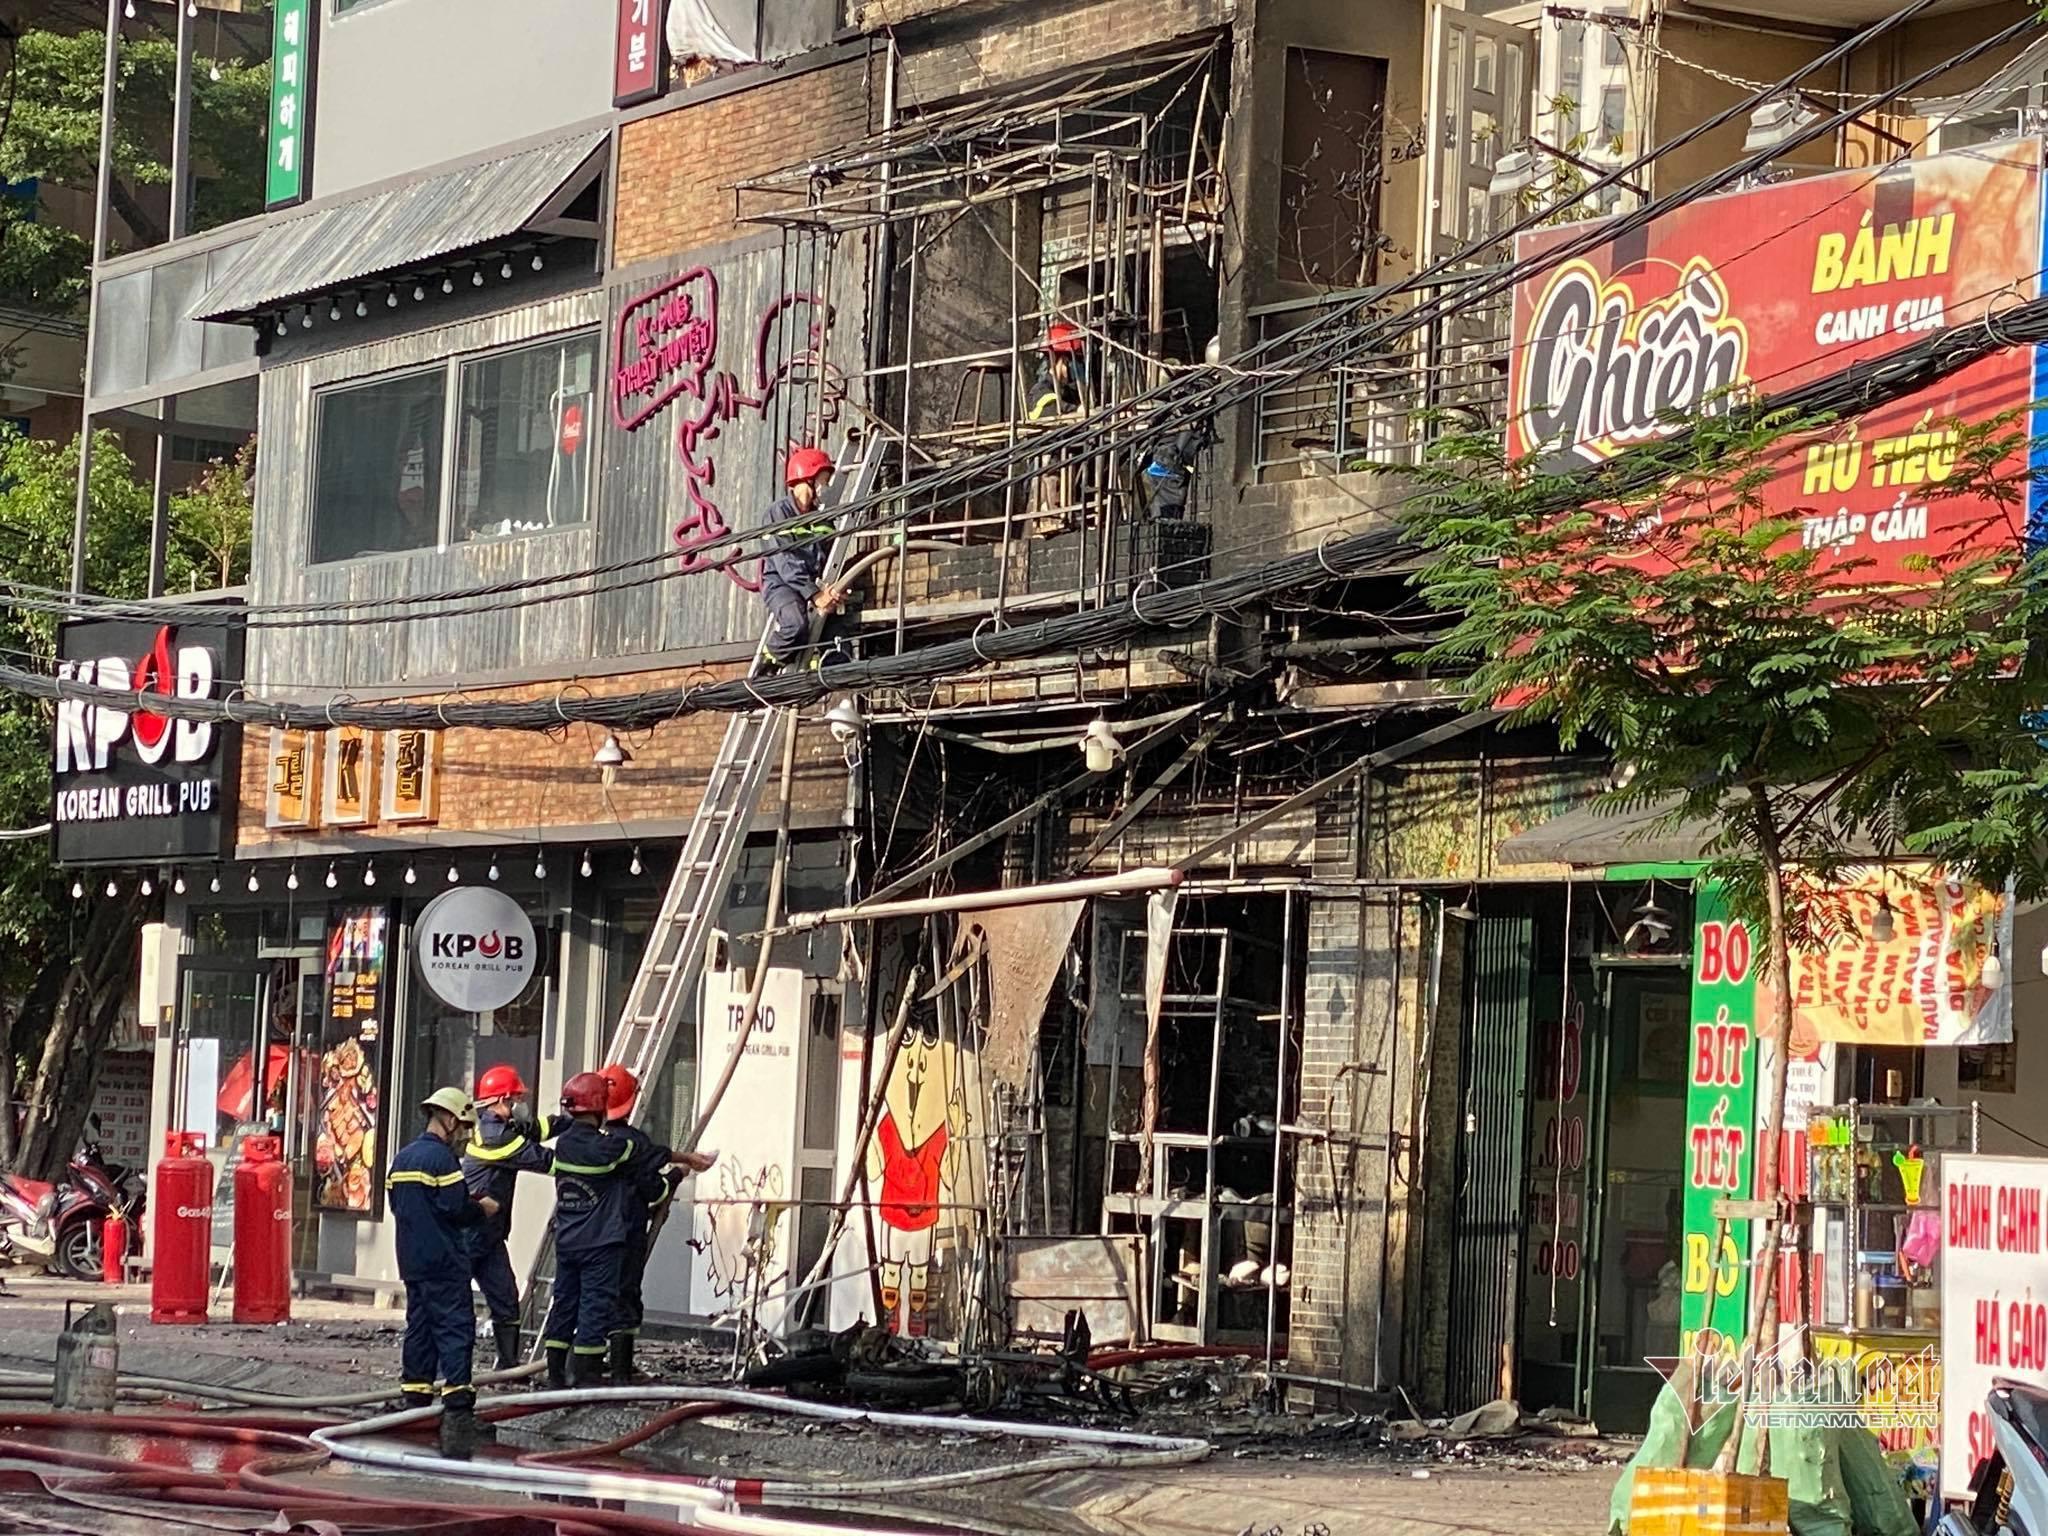 Cháy lớn căn nhà 3 tầng ở TP.HCM, nhiều người tháo chạy